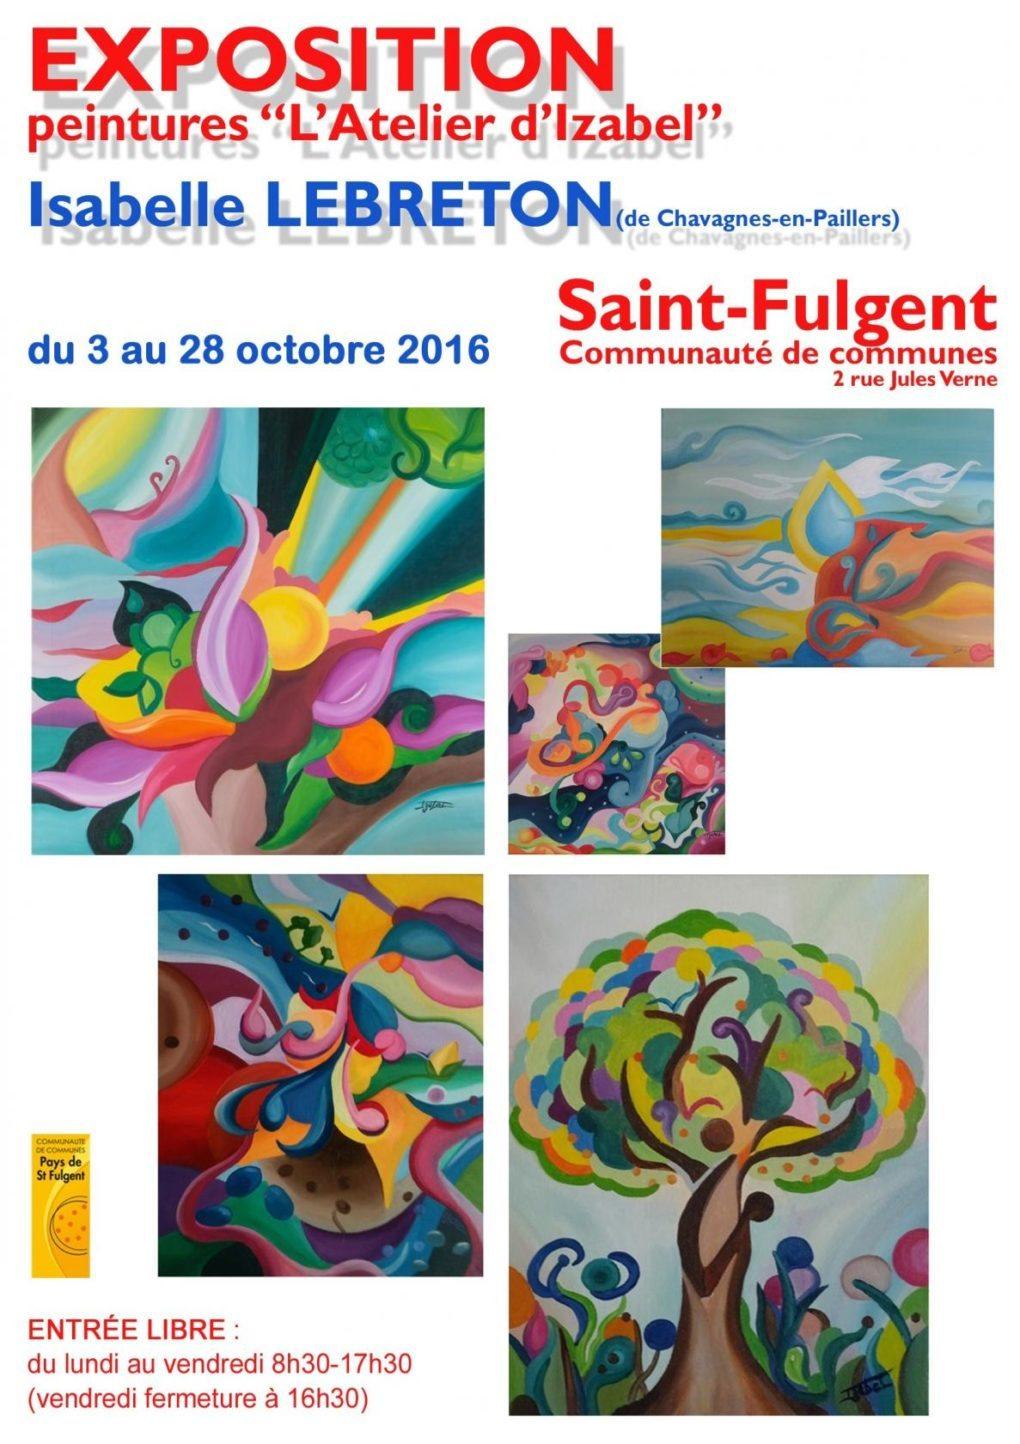 Peinture Isabelle Lebreton Saint-Fulgent